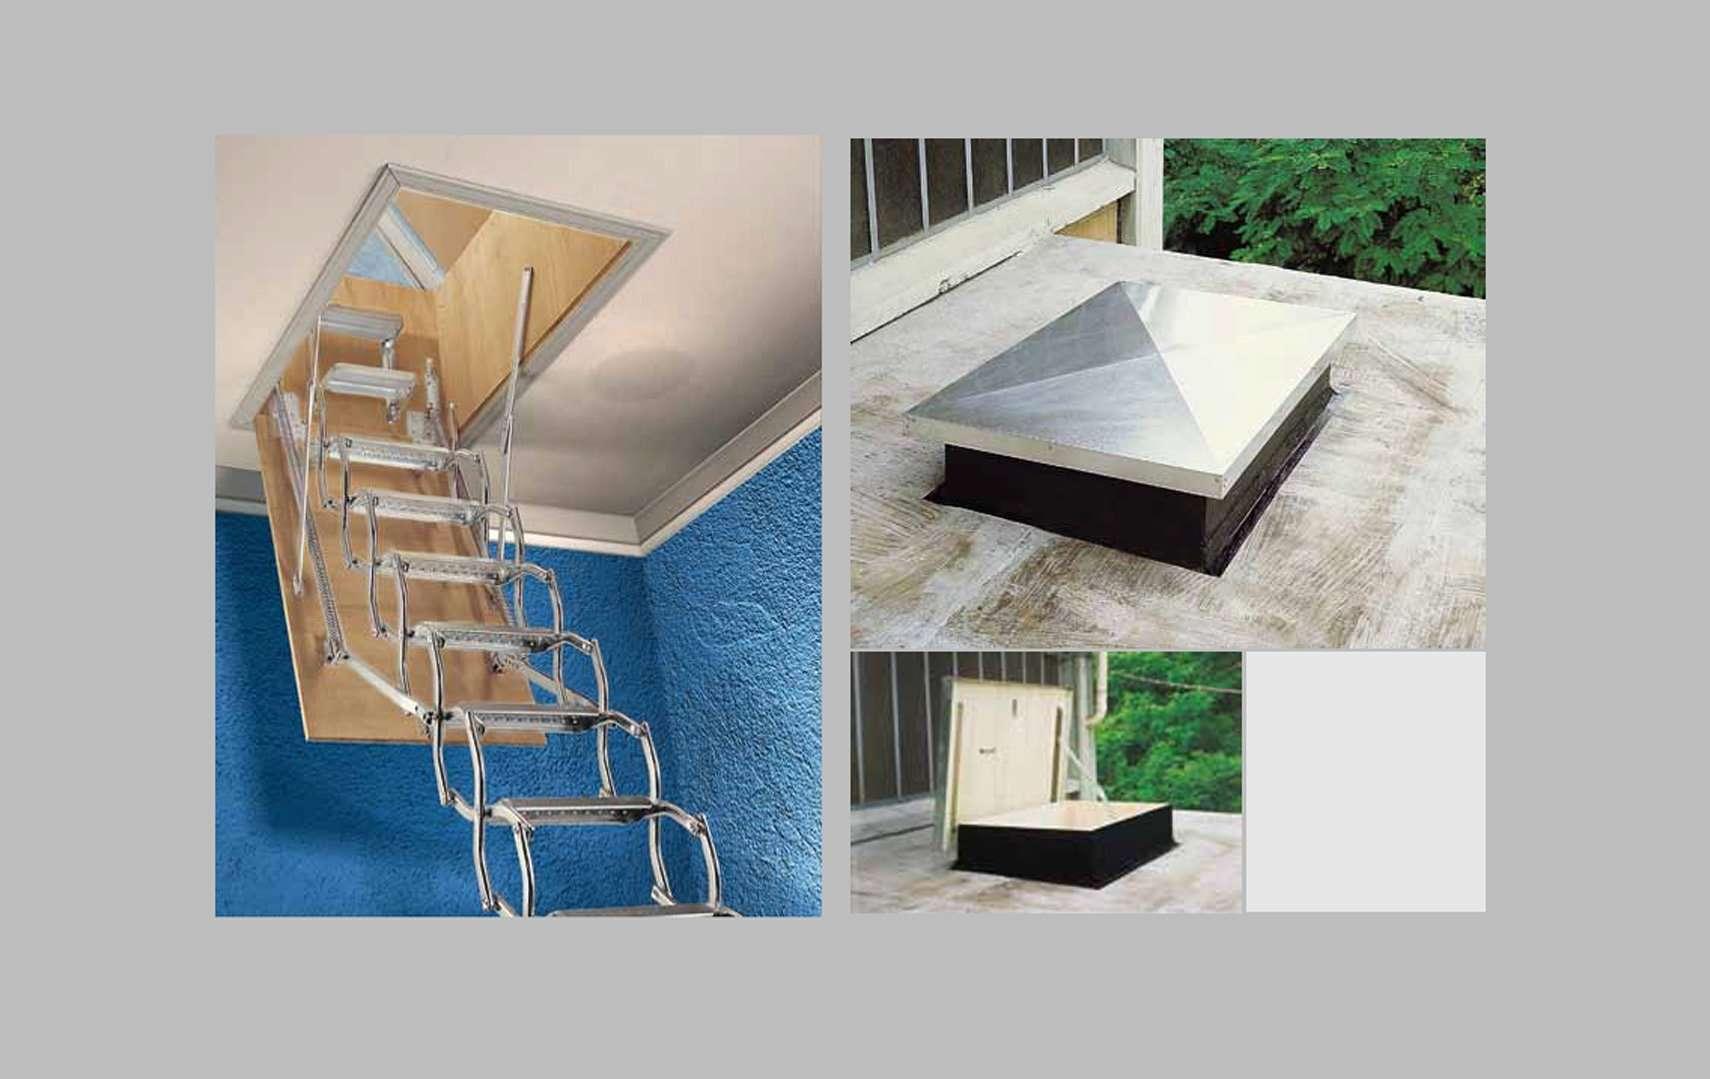 ᐅ ZX | Scala retrattile in legno e a scomparsa, su misura, ideali ...